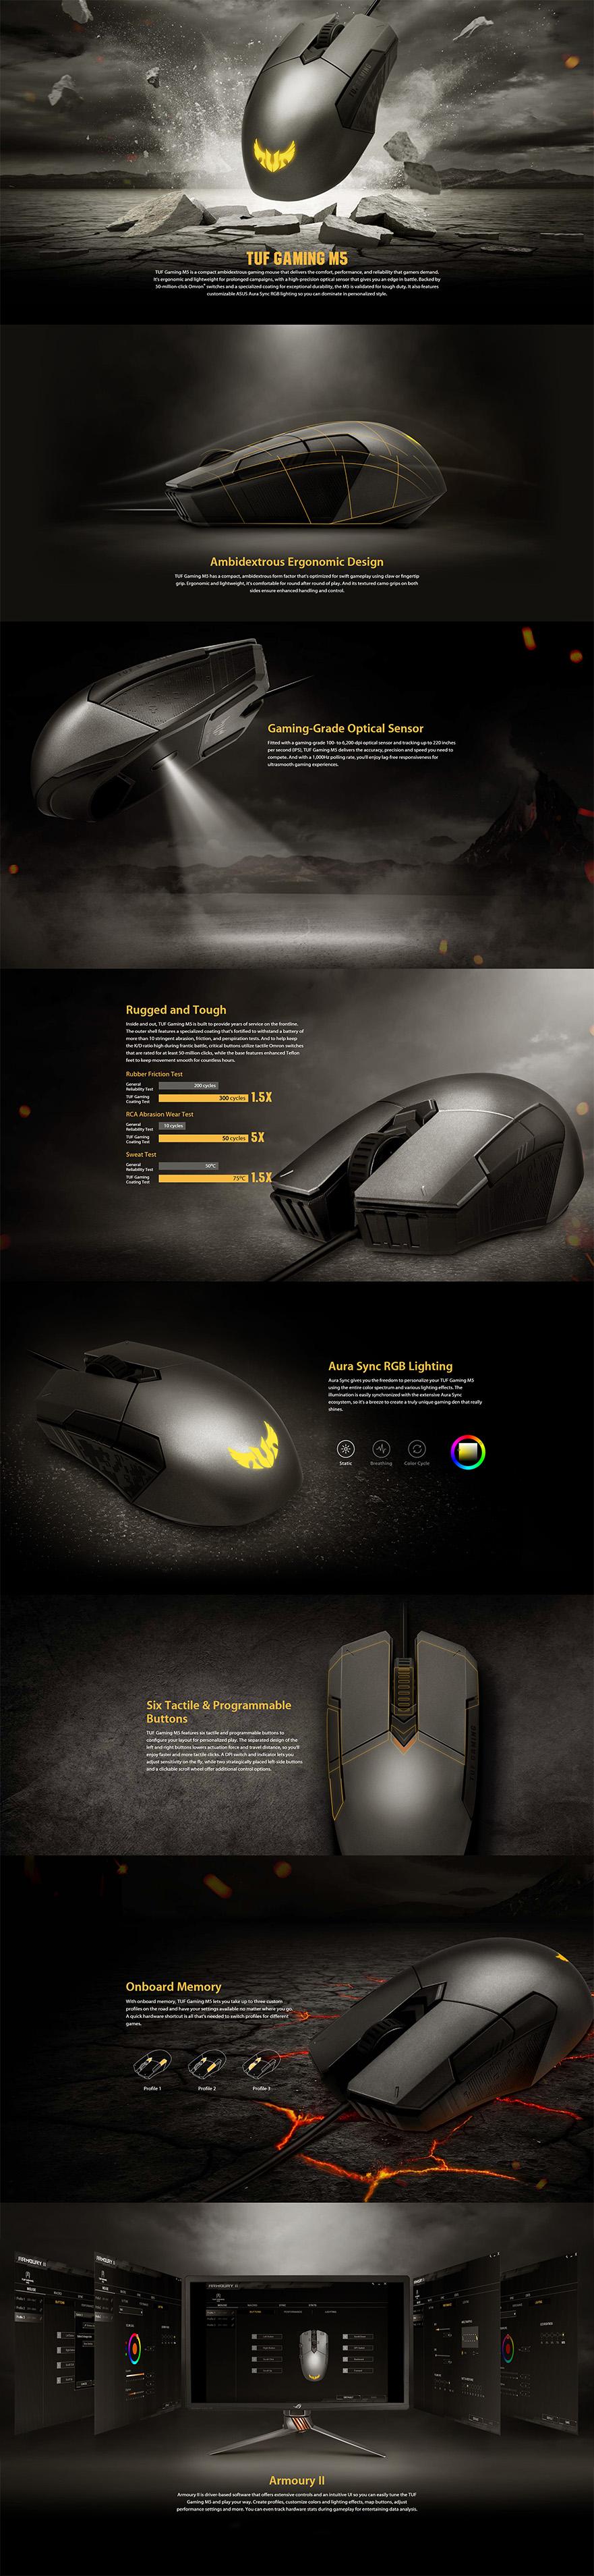 Asus TUF Gaming M5 RGB Mouse